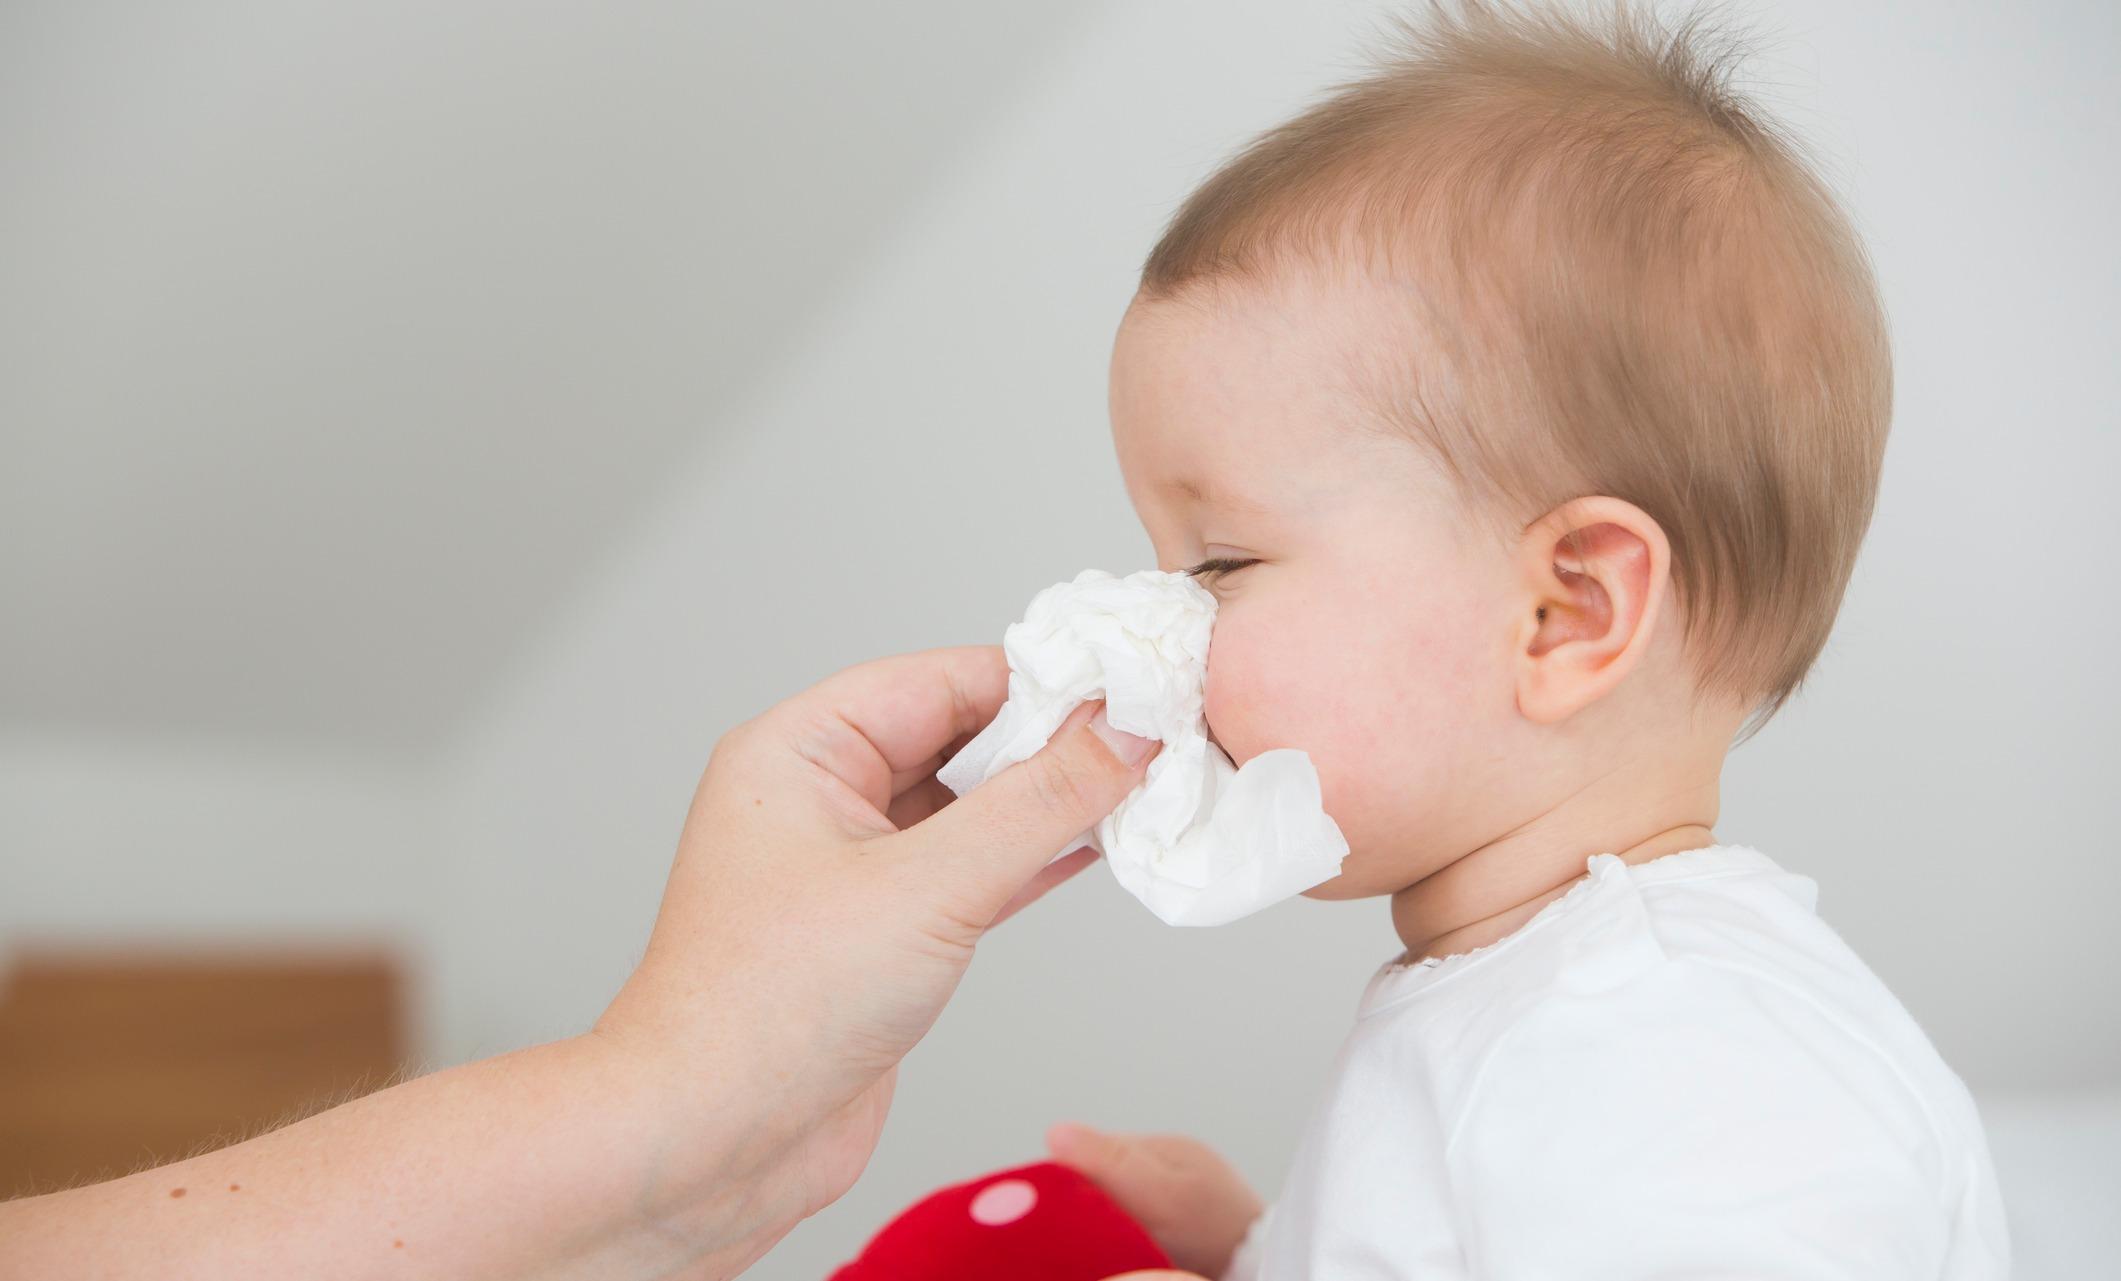 Врачи: капли от насморка смертельно опасны для детей